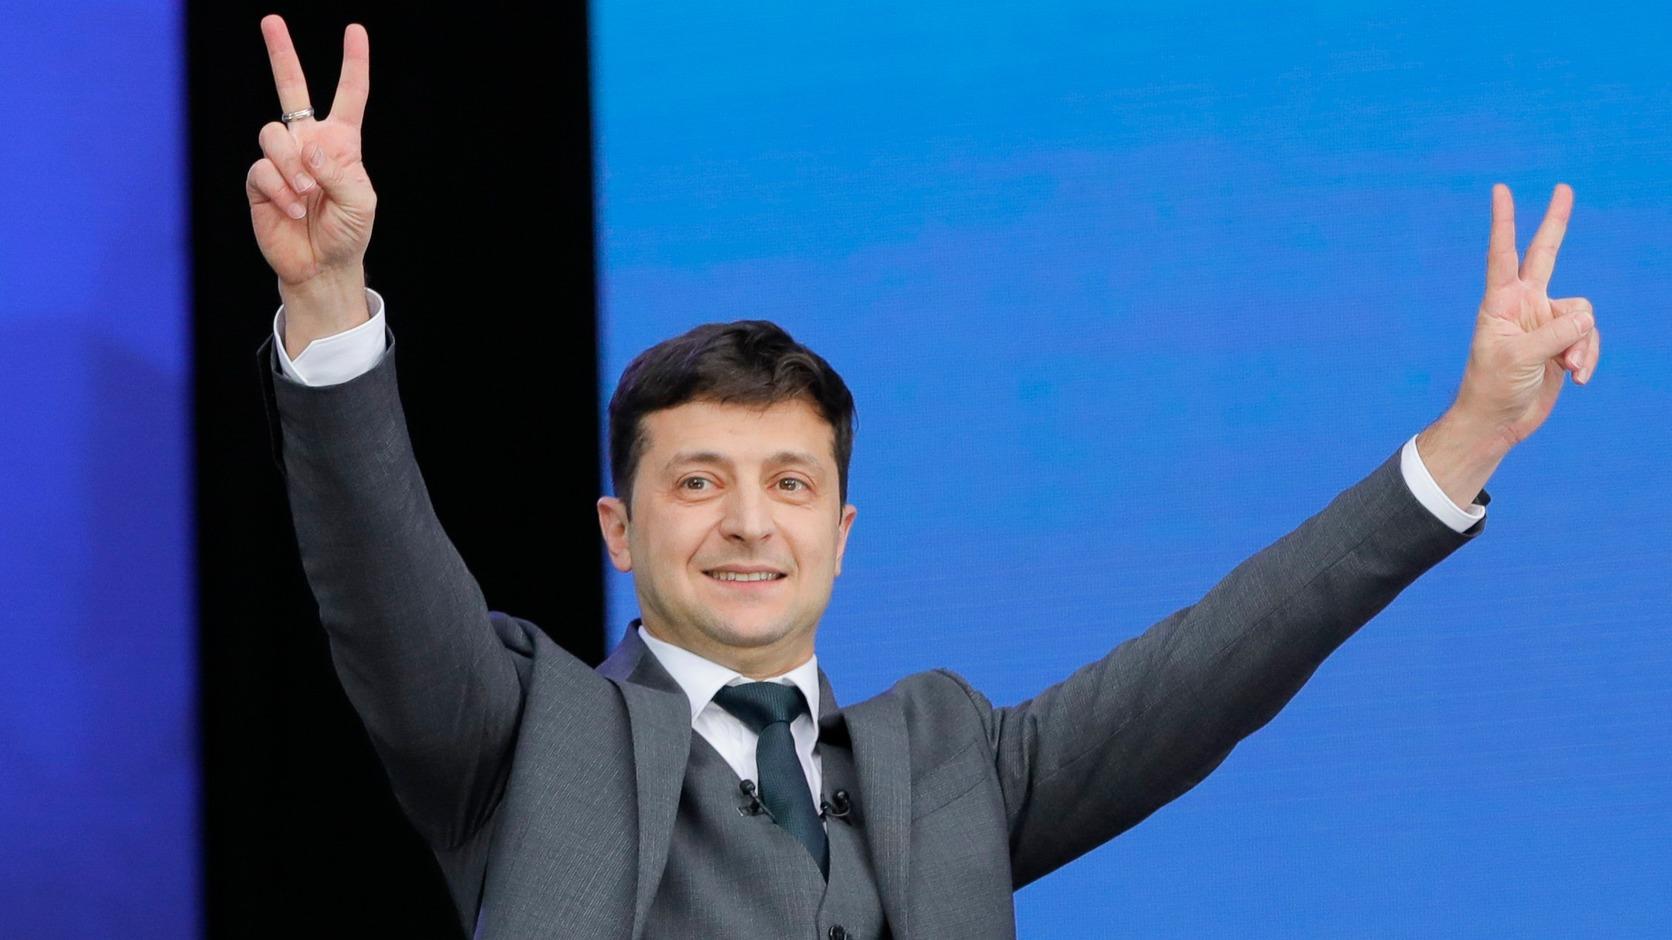 Я знаю, що ви очікуєте понад 200 гучних справ, - Зеленський обіцяє зробити все, щоб Антикорупційний суд зосередився на топчиновниках - Цензор.НЕТ 3107